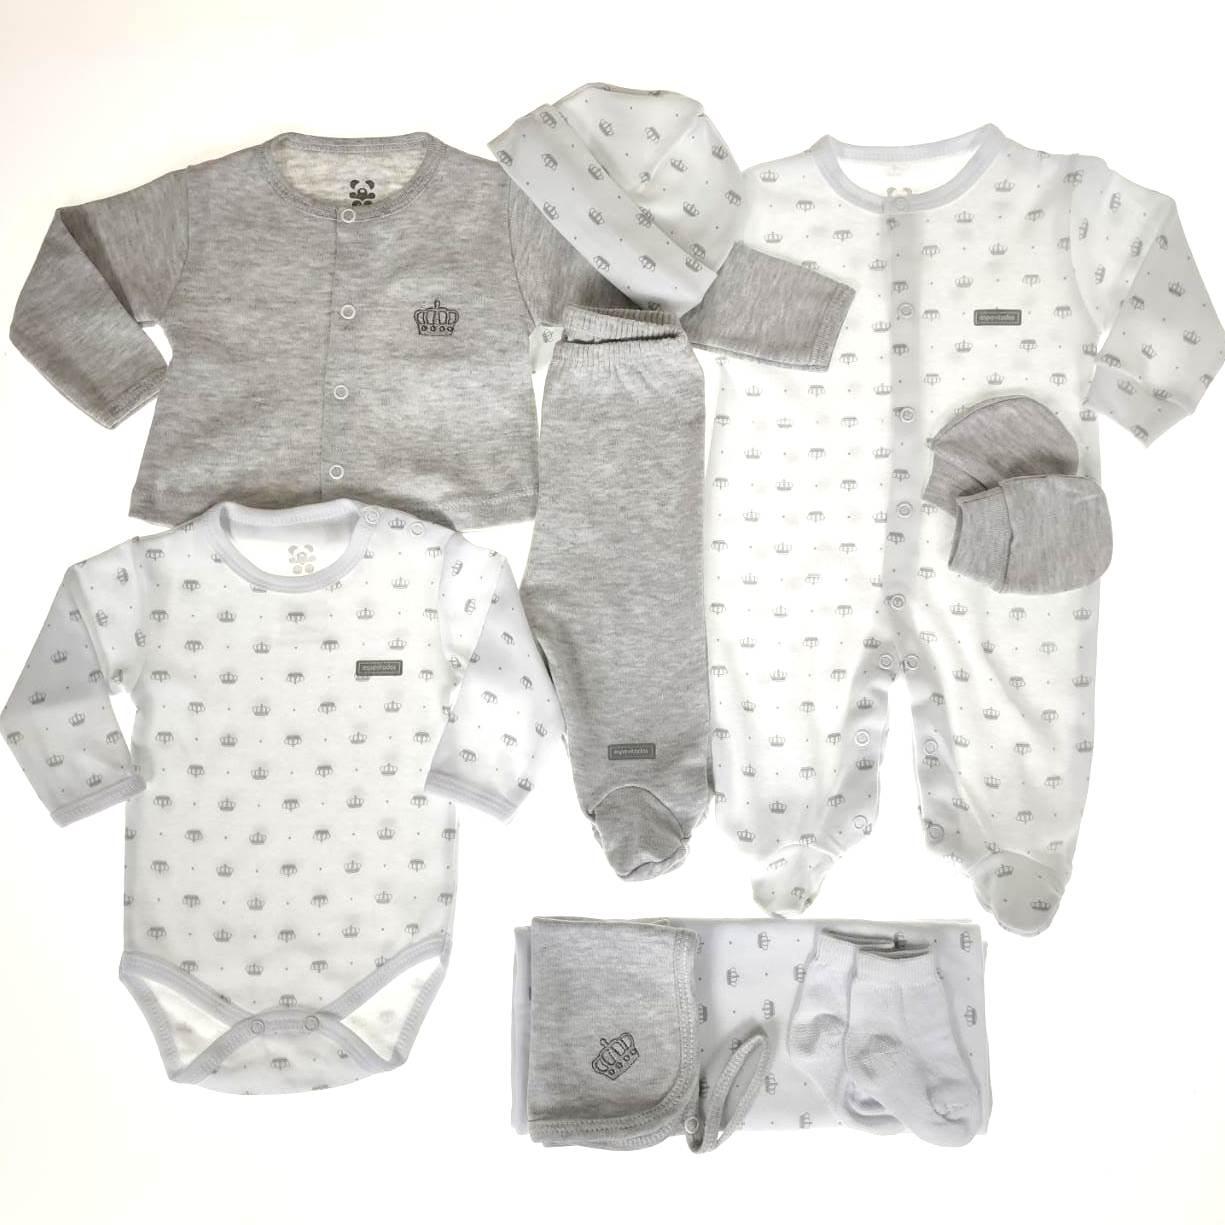 Kit Saída Maternidade Mescla e Branco - 9 Peças